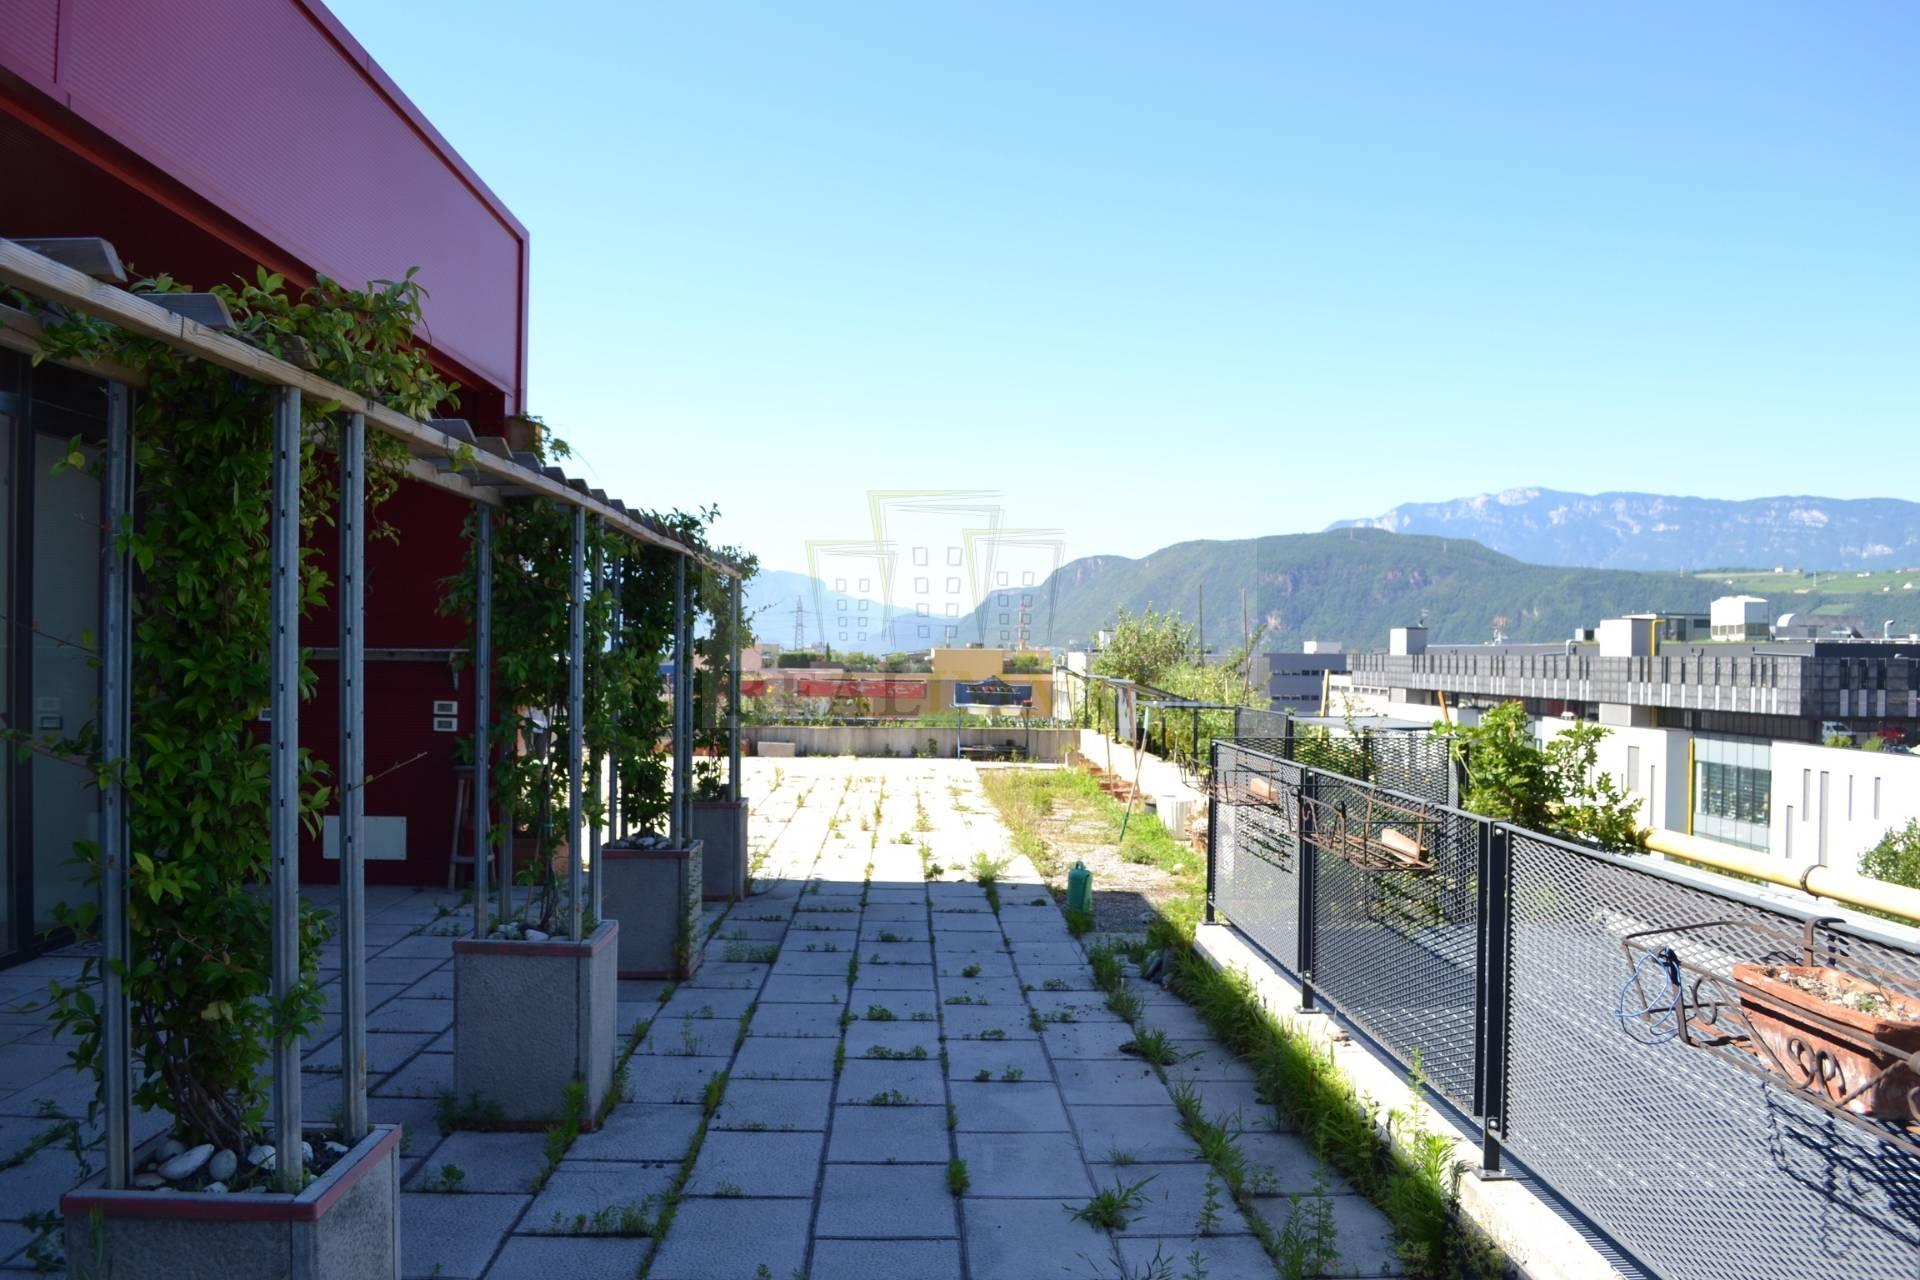 Magazzino in vendita a Bolzano, 9999 locali, zona Zona: Periferia, prezzo € 439.000 | Cambio Casa.it